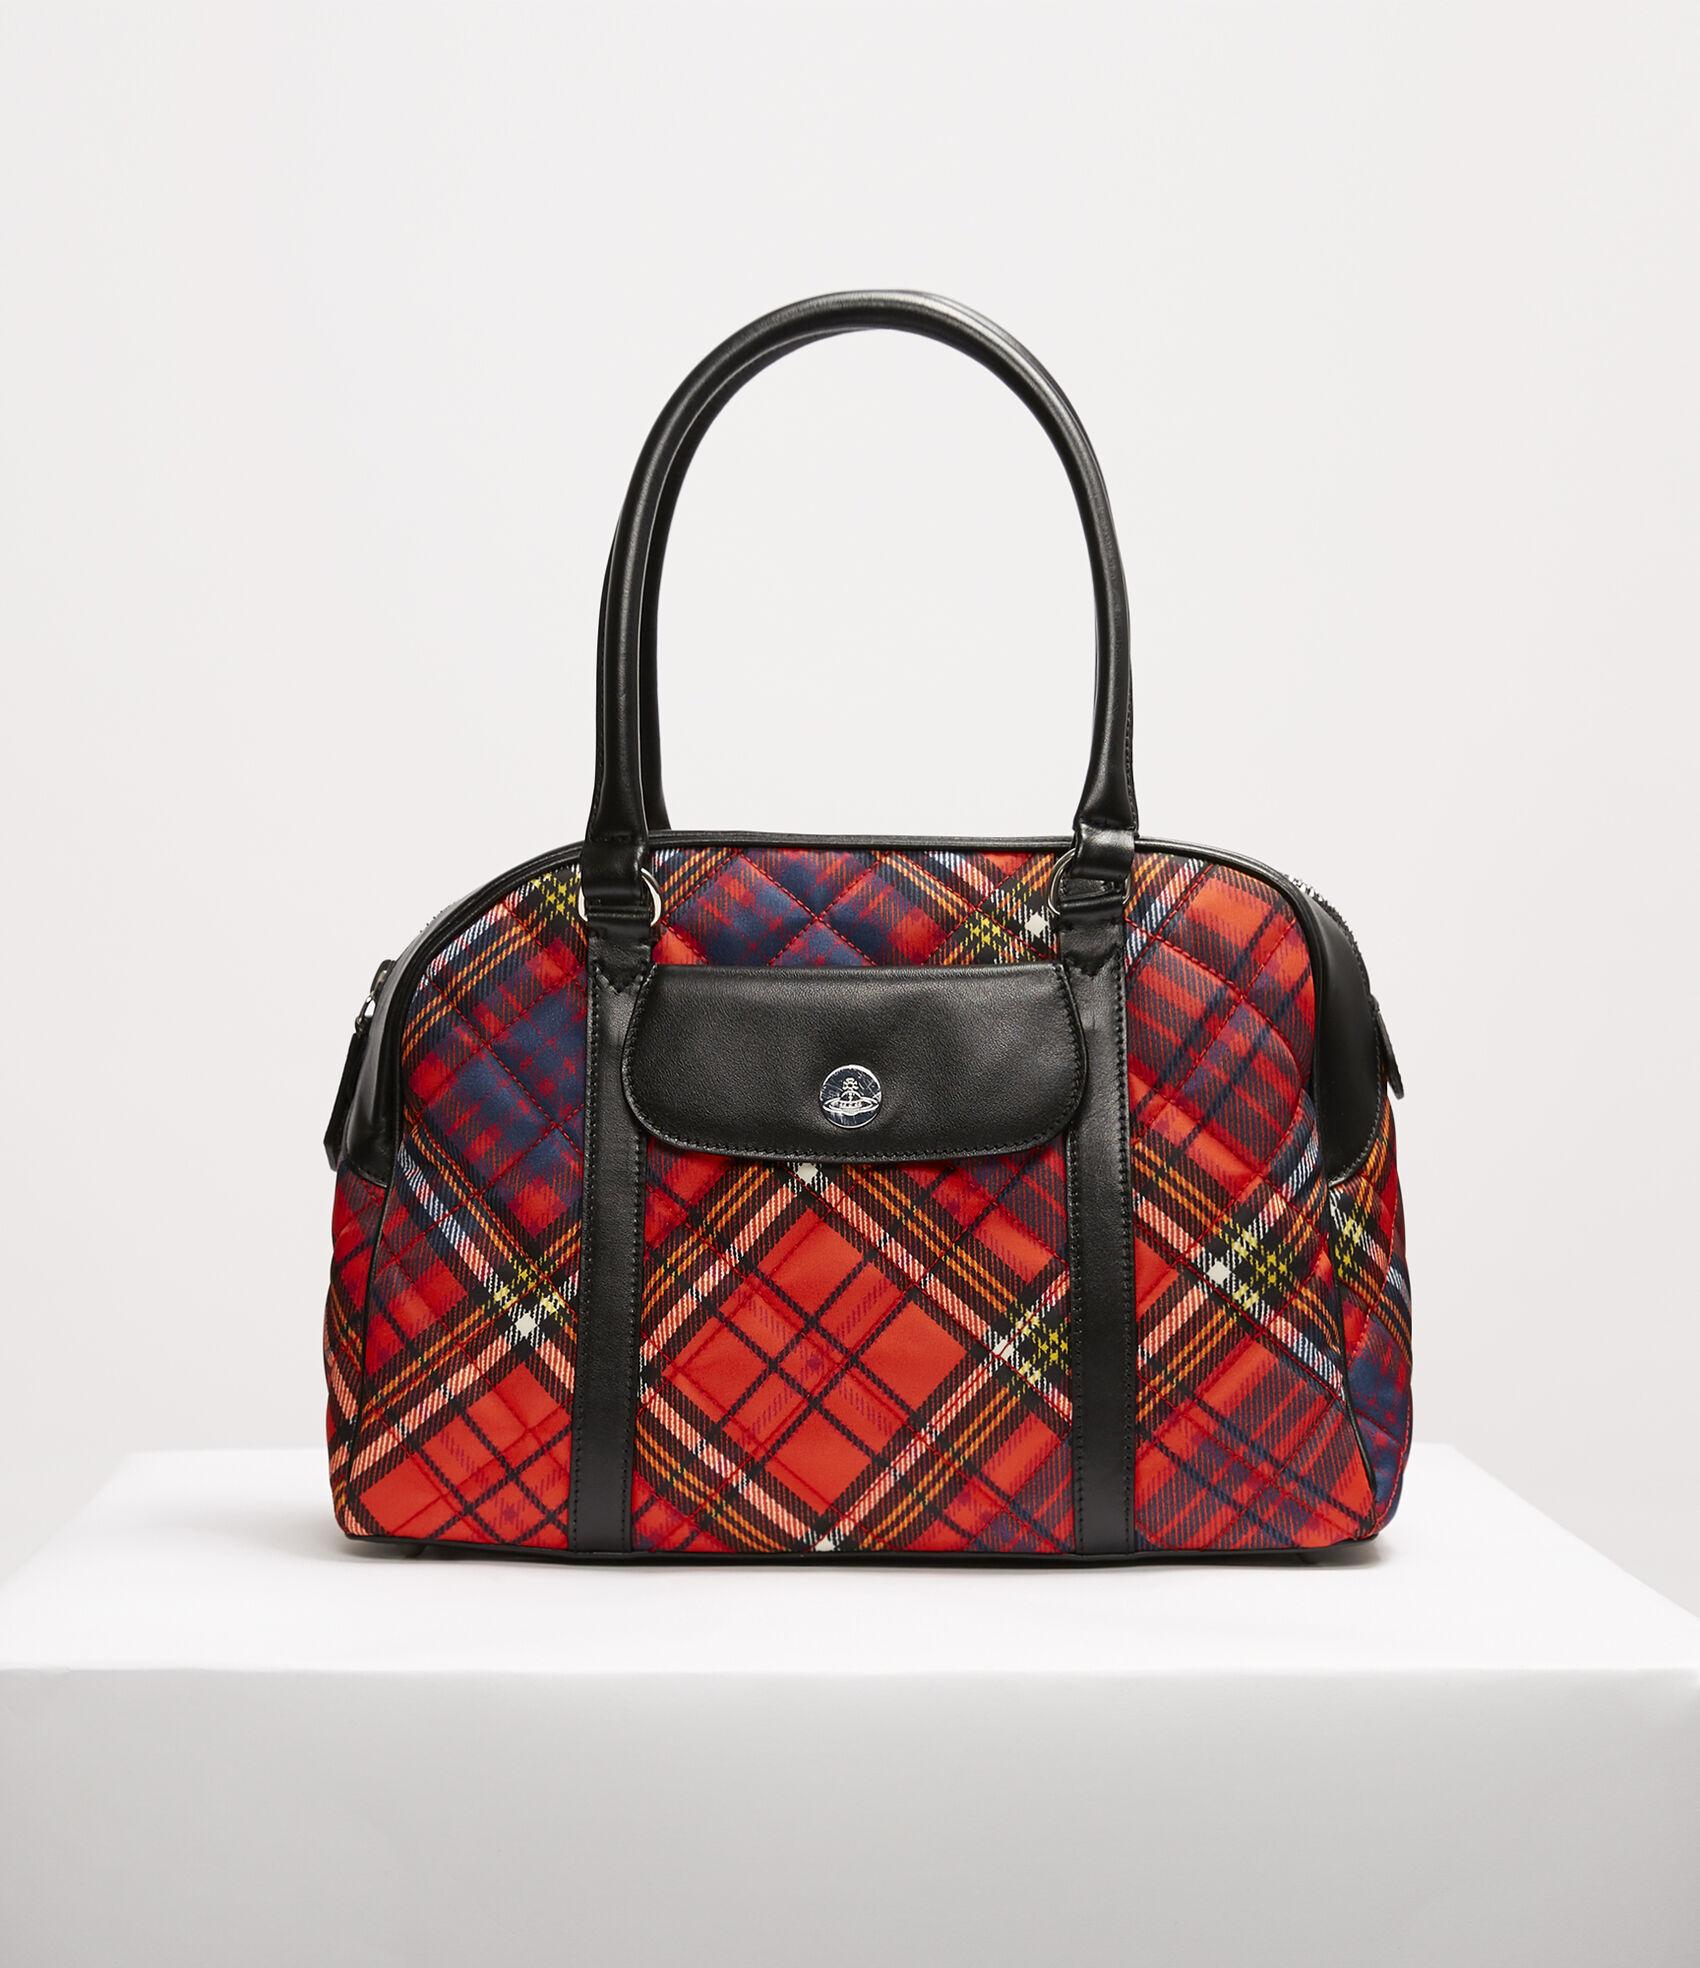 1b55c7bde3 Vivienne Westwood Handbags   Women's Bags   Vivienne Westwood ...